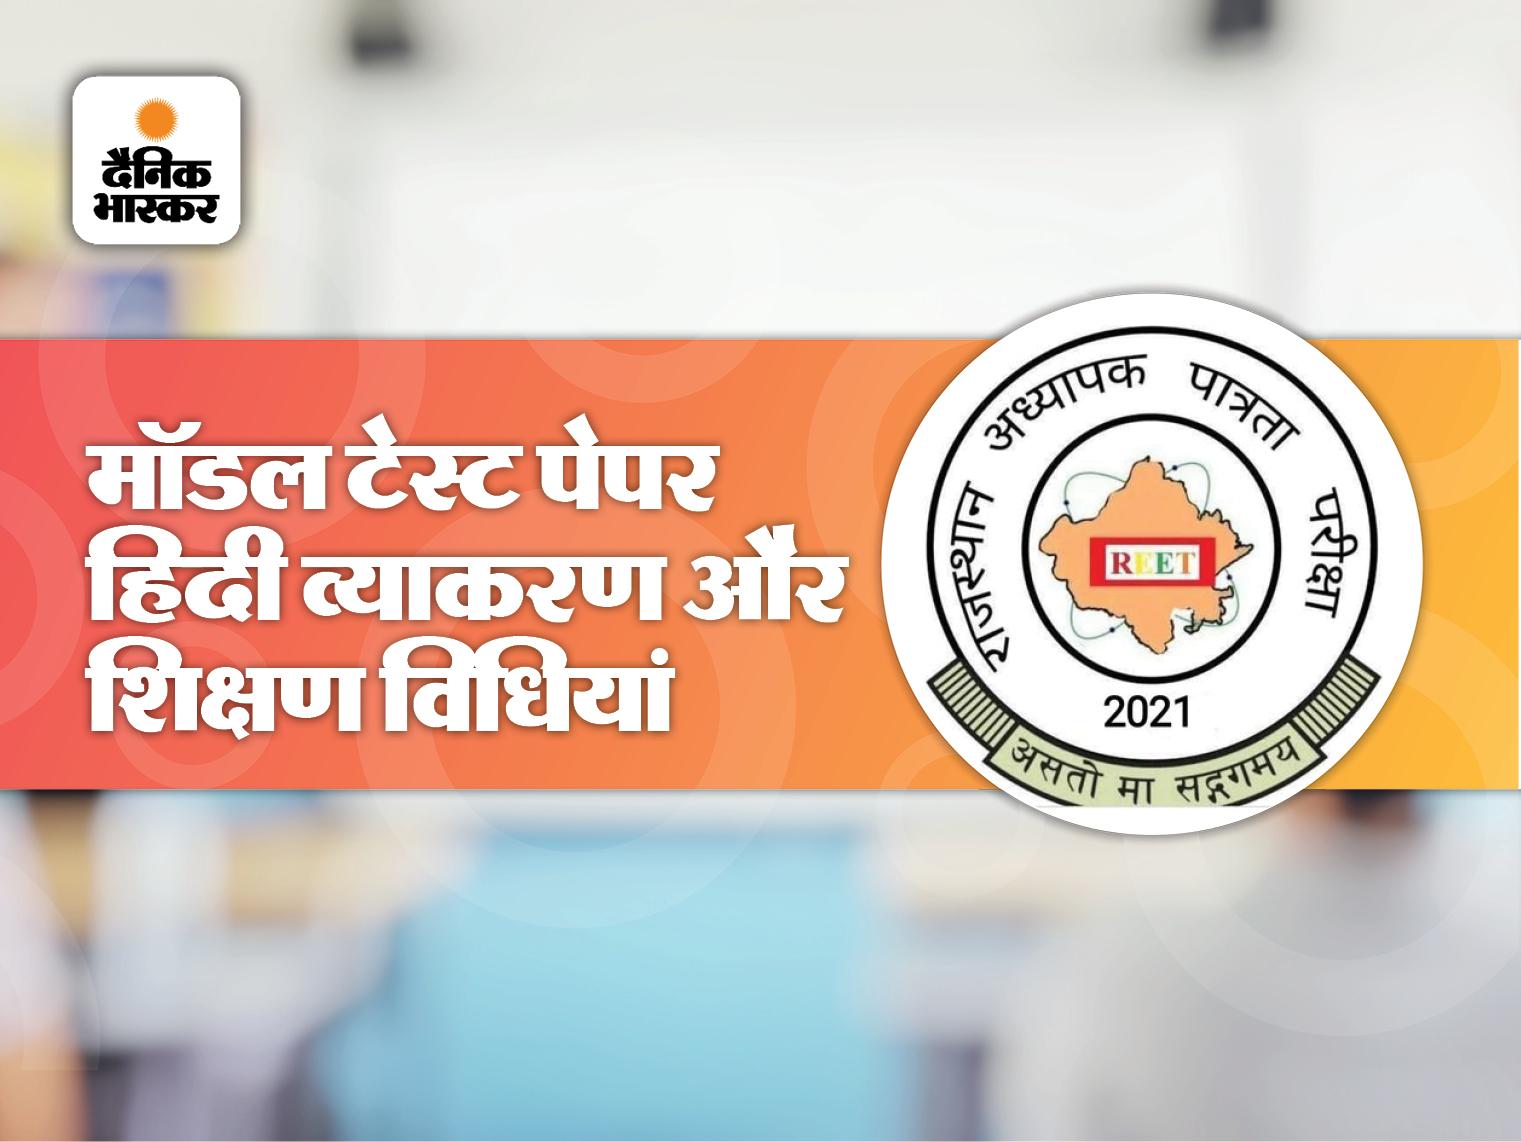 16 लाख से ज्यादा अभ्यर्थियों के लिए महत्वपूर्ण हैं ये 10 प्रश्न, हिंदी व्याकरण और शिक्षण विधियां की करें प्रैक्टिस देश,National - Dainik Bhaskar